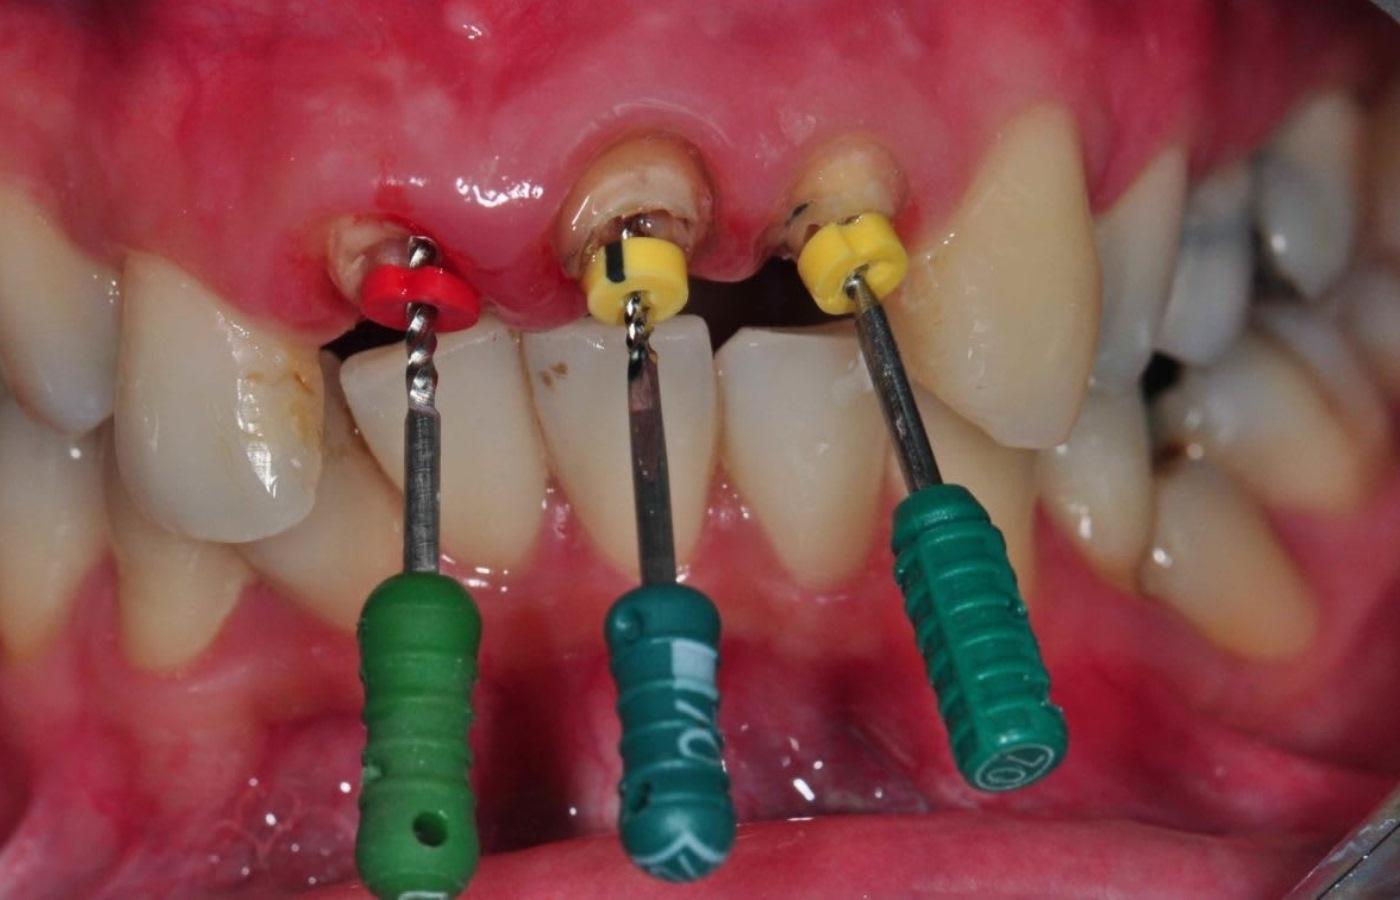 عصب کشی دندان جلو چگونه انجام میشود ؟